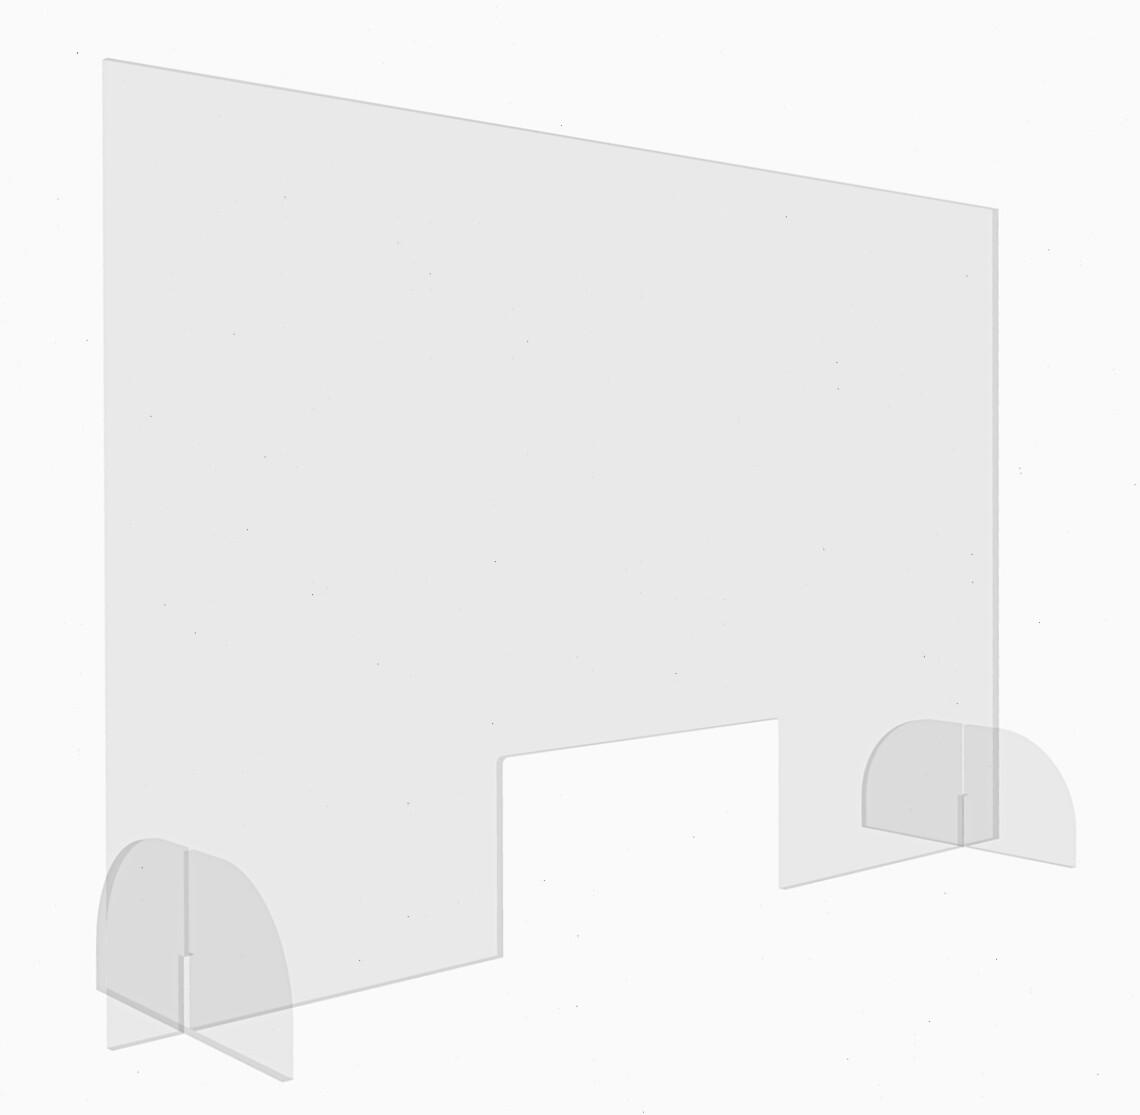 Staand Plexiglas Scherm   100 x 75 cm